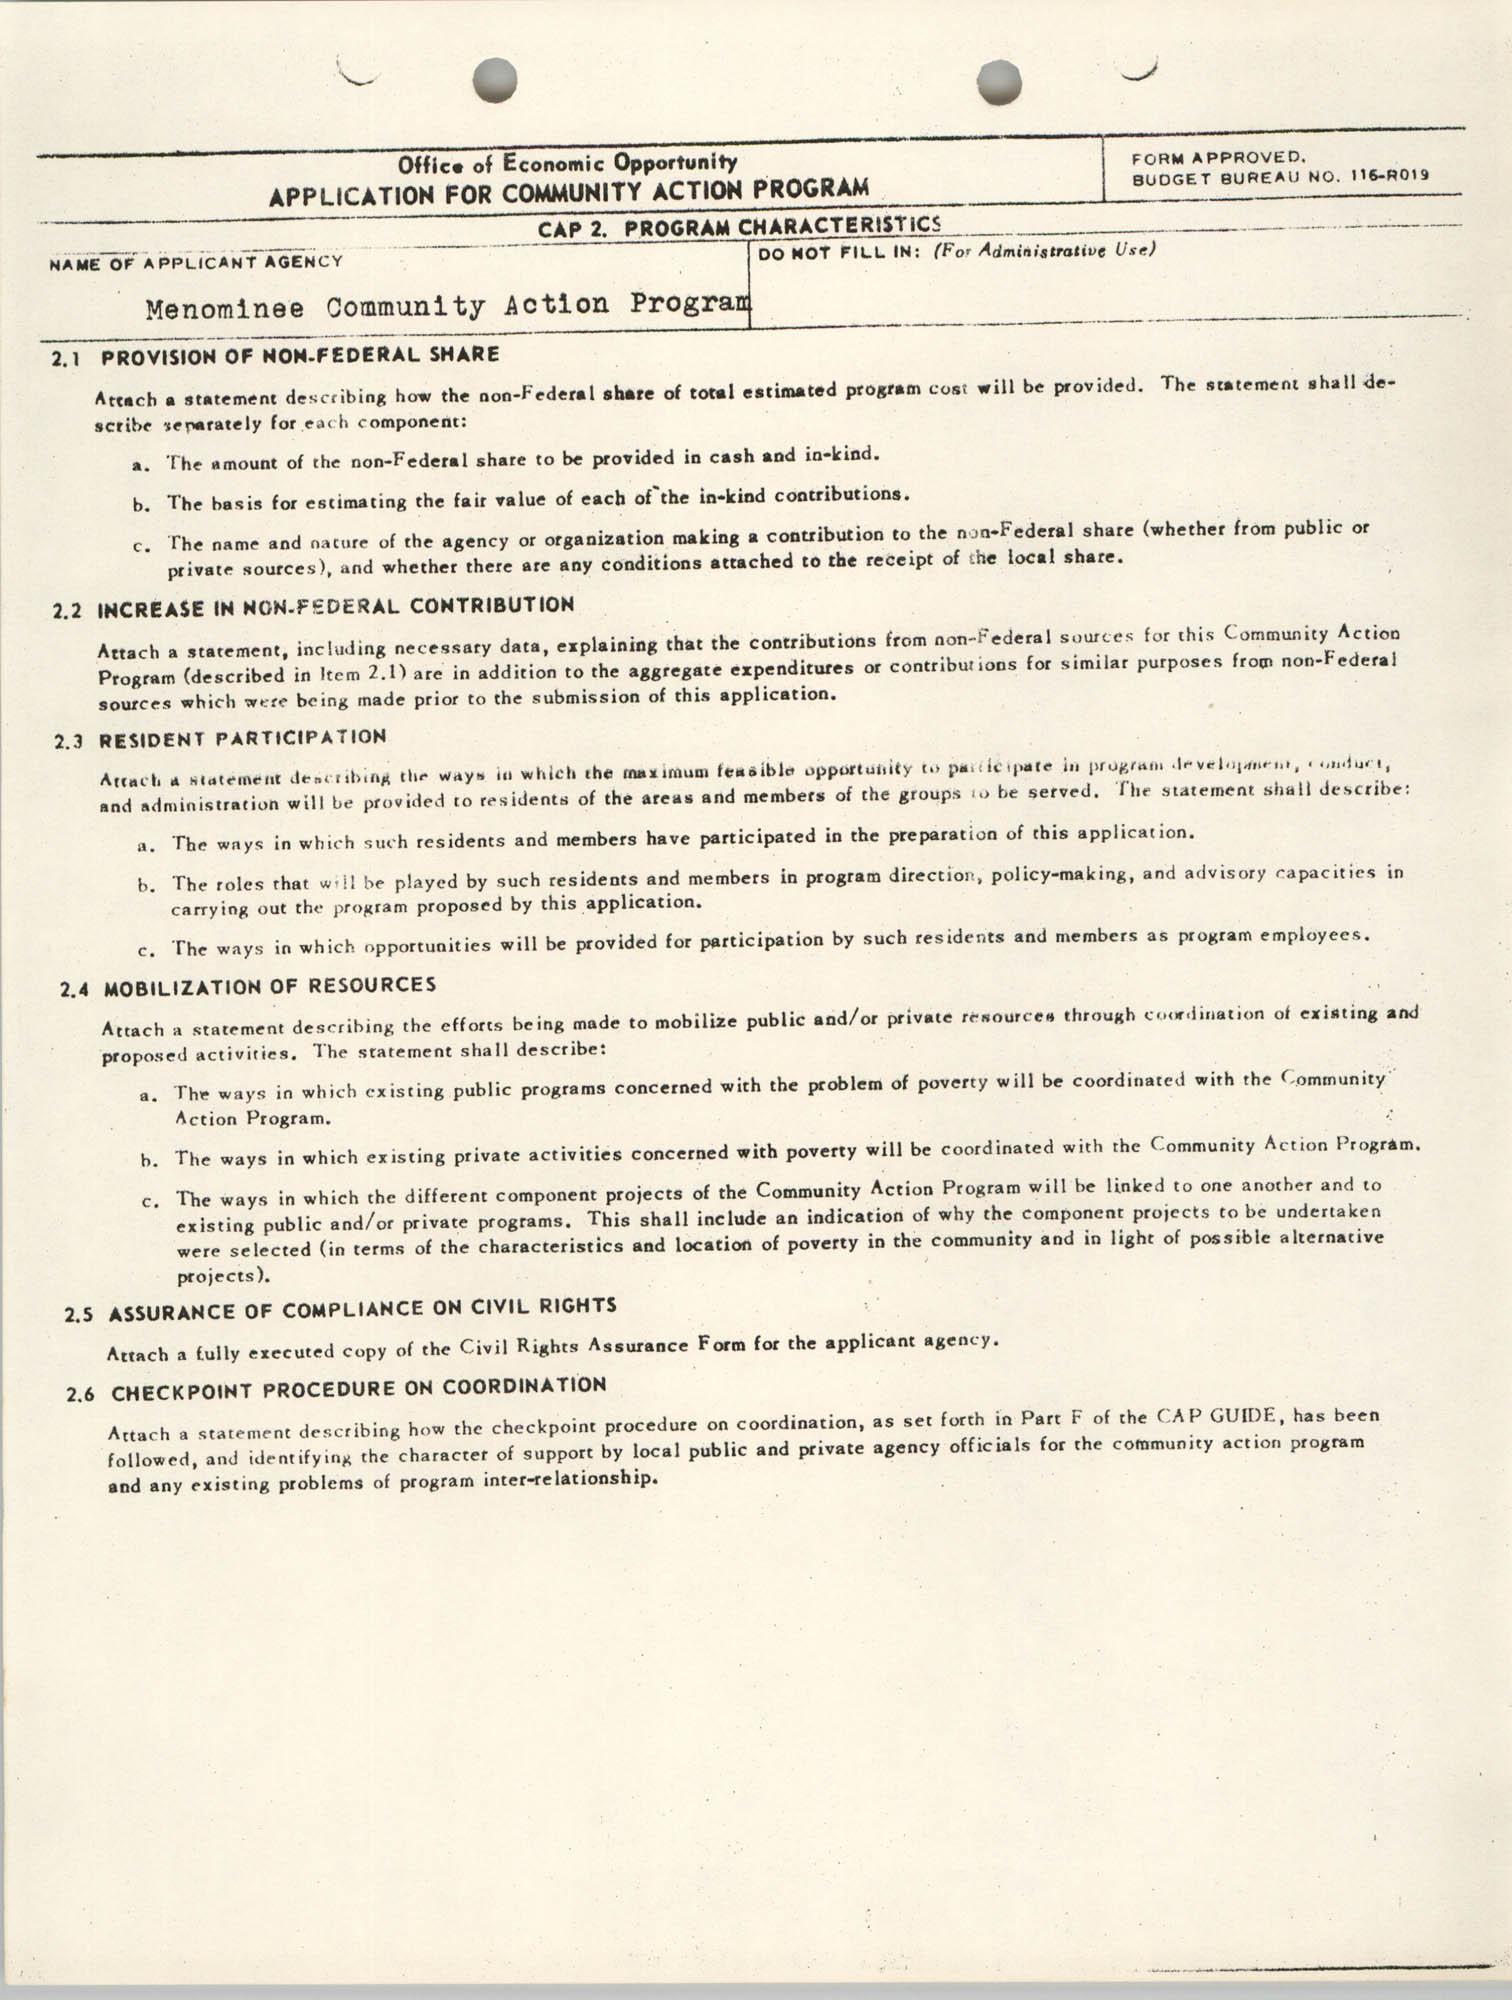 CAP Grant Materials, CAP 2 Program Characteristics, Page 1